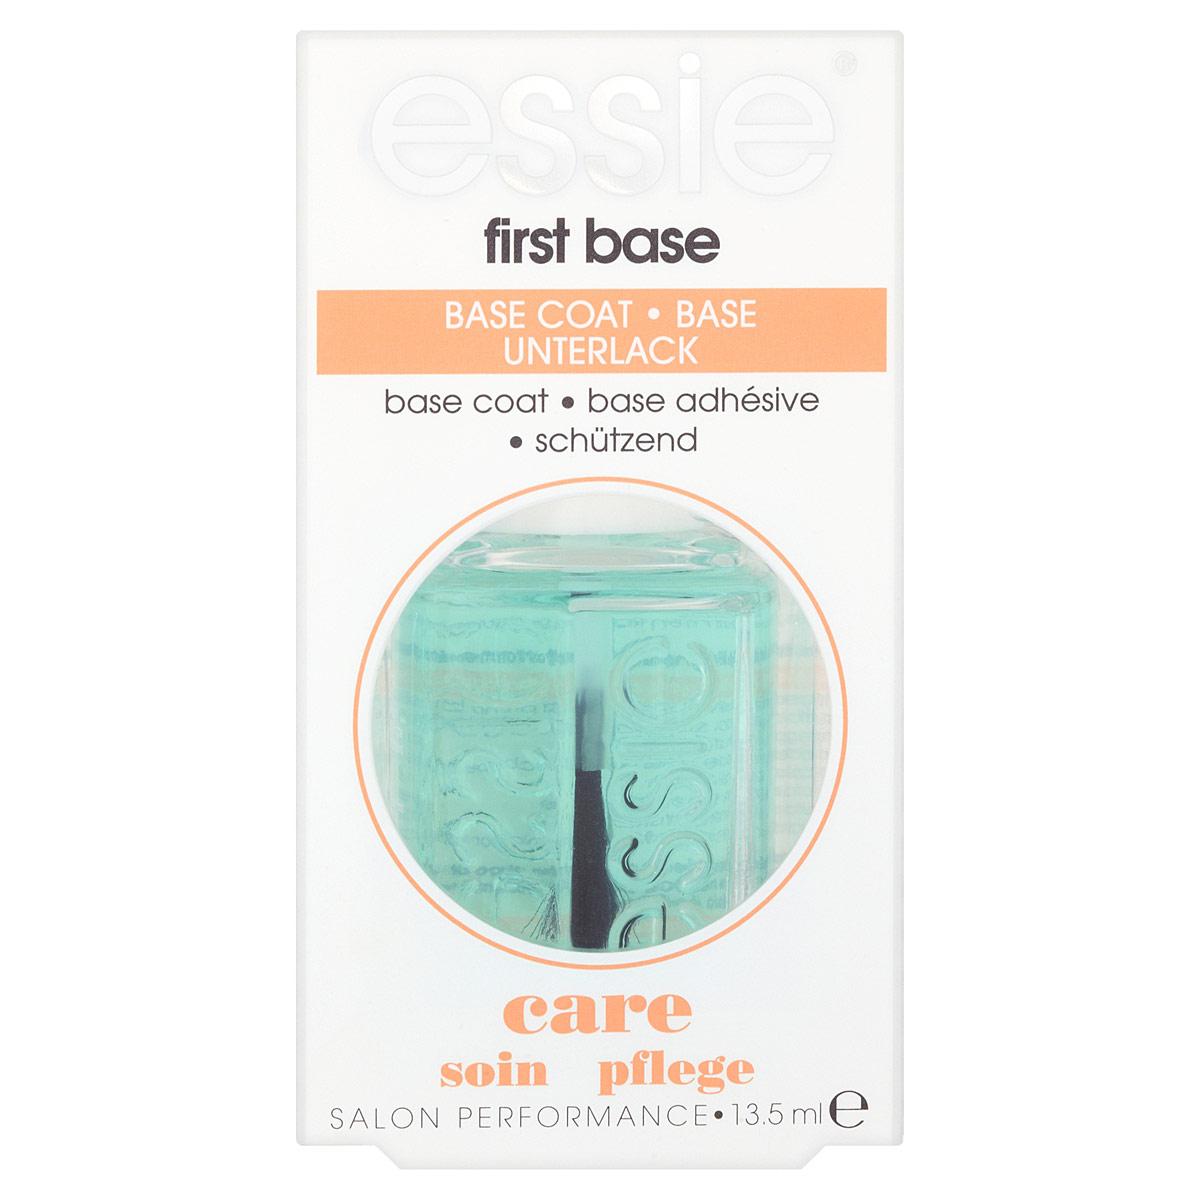 Essie Основа для ногтей First Base, универсальная, 13,5 млB2256002Универсальная основа для ногтей Essie First Base выравнивает поверхность ногтя и защищает лак от сколов. Объем: 13,5 мл. Товар сертифицирован.